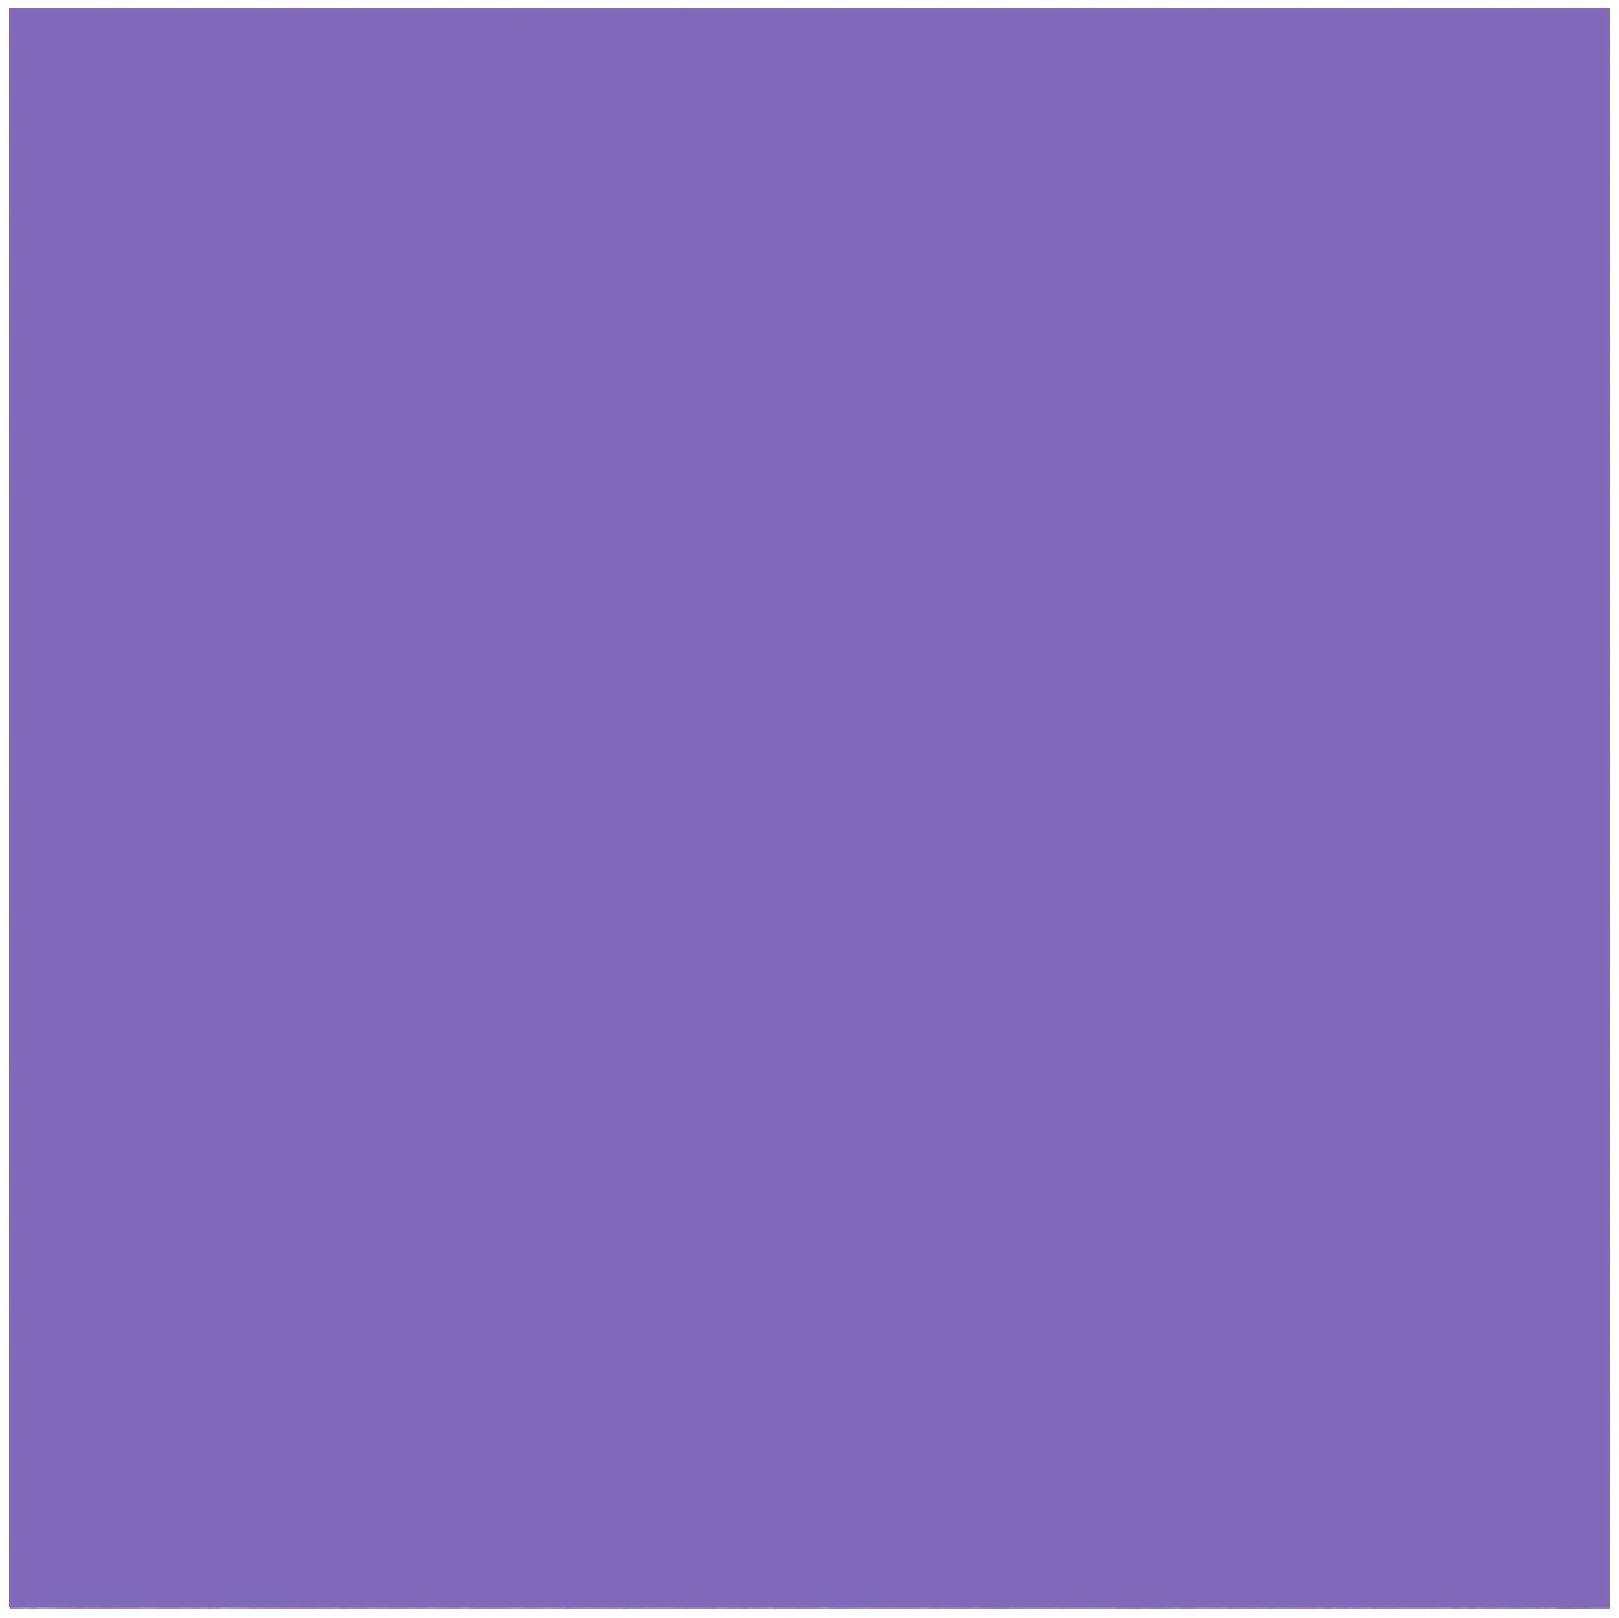 Karton kolor 70x100 fioletowy wrzosowy BestTotal KK43